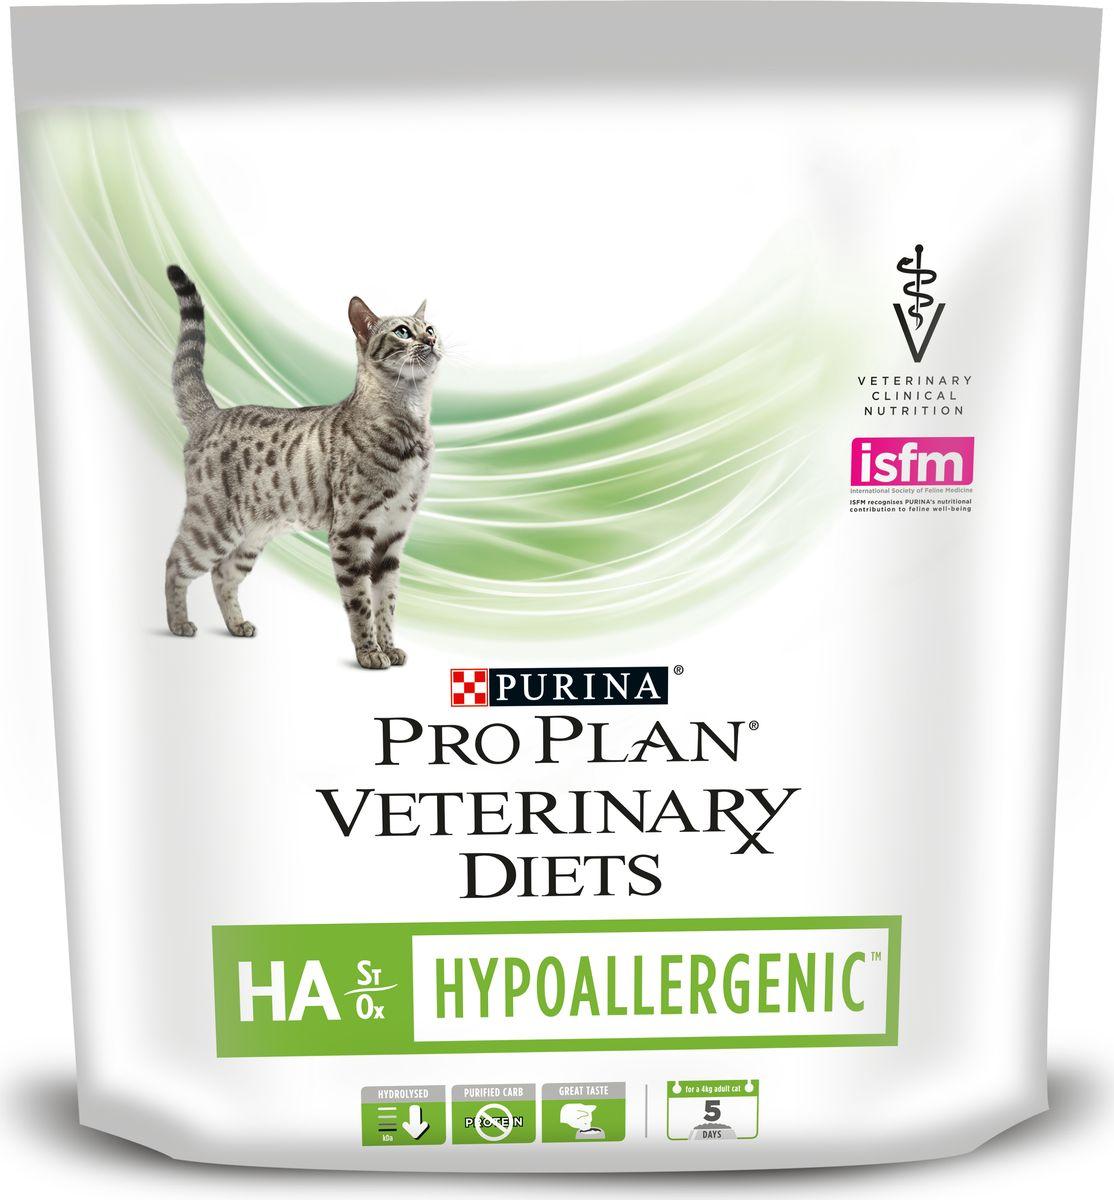 Корм сухой диетический Pro Plan Н/А, для кошек, гипоаллергенный, 325 г12148110Гипоаллергенный корм Pro Plan Н/А предназначен для снижения пищевой непереносимости у кошек и обеспечивает полноценное сбалансированное питание для поддержания здоровья. В составе корма собраны продукты, не вызывающие аллергических реакции и полностью удовлетворяющие пищевые потребности взрослых животных. Показания к применению: - Схема исключения потенциальных пищевых аллергенов. - Дерматит, связанный с алиментарной аллергией.- Недостаточность функции поджелудочной железы.- Нарушение всасываемости. - Воспалительные заболевания кишечника.- Гиперлипидемия. Товар сертифицирован.